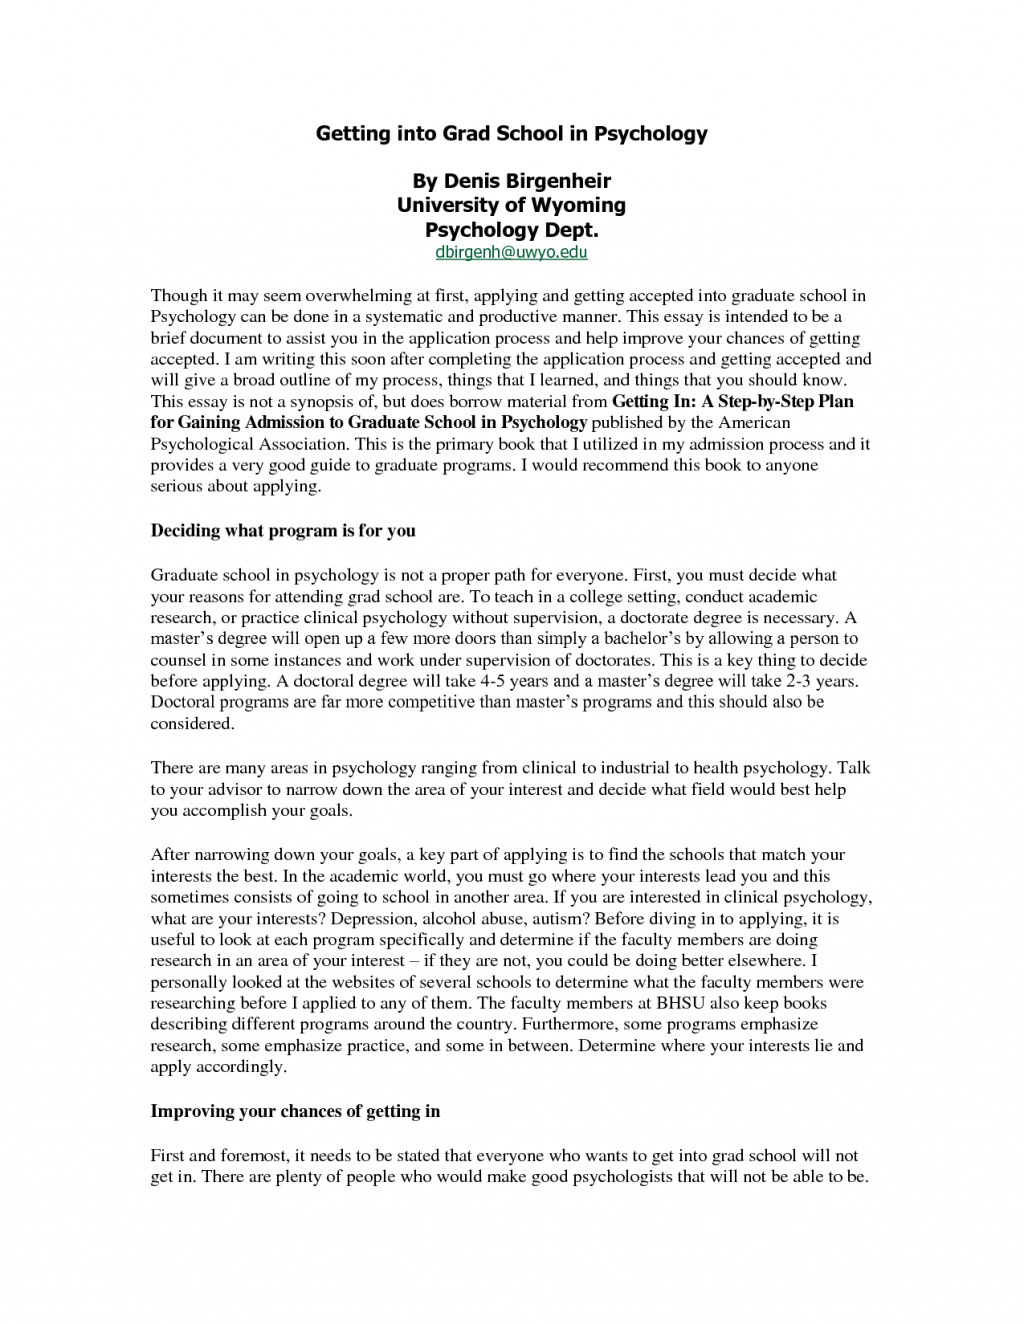 006 Duoejisf7u Essay Example Free Sample For Graduate School Formidable Admission Pdf Large